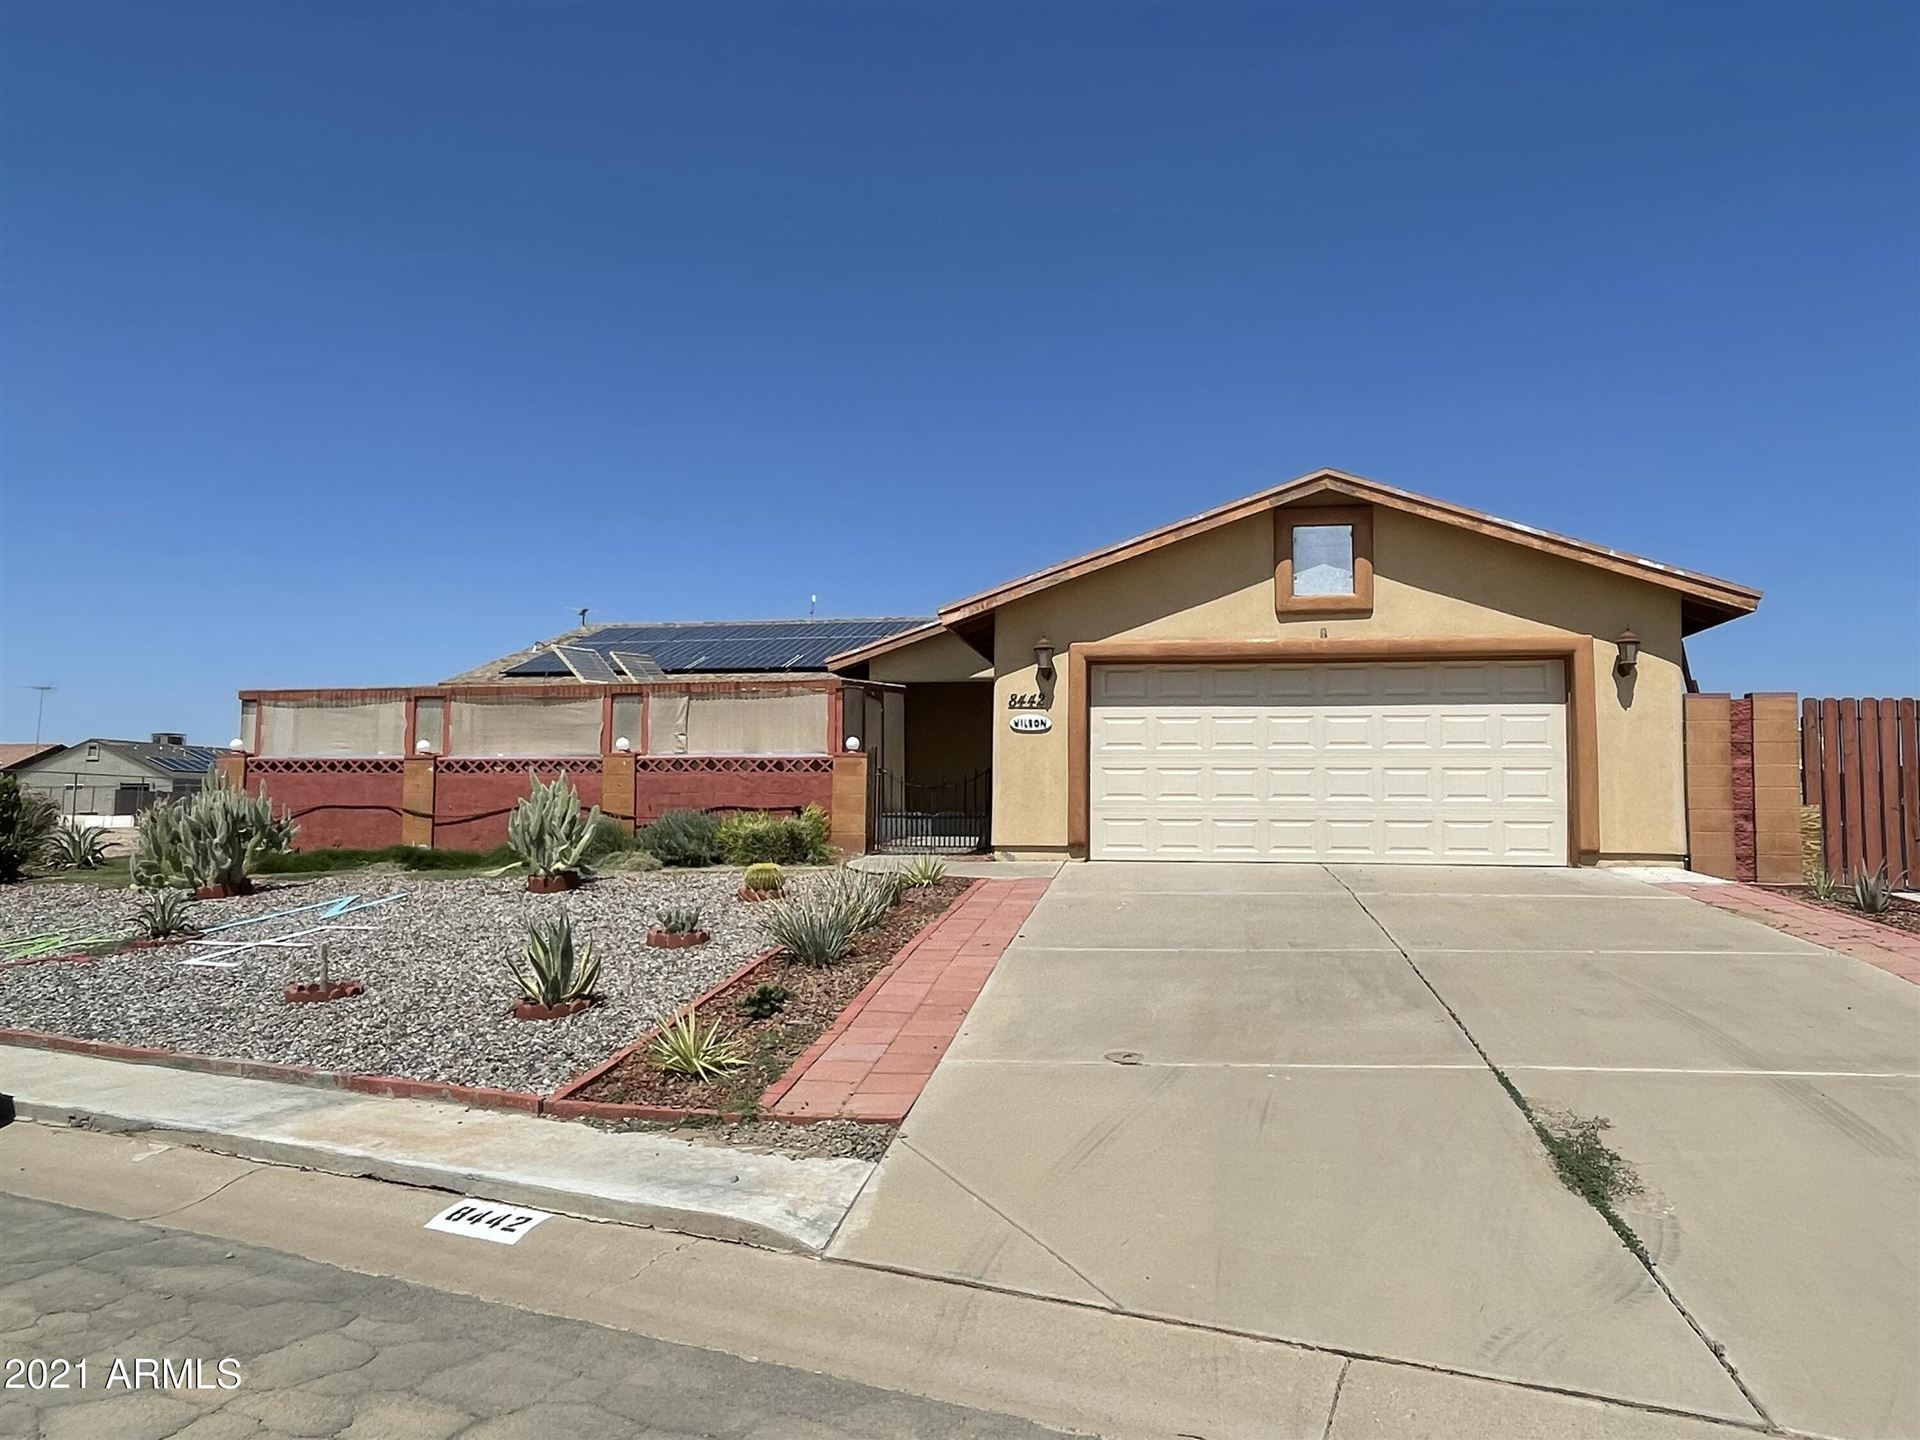 8442 W TROY Drive, Arizona City, AZ 85123 - MLS#: 6292675